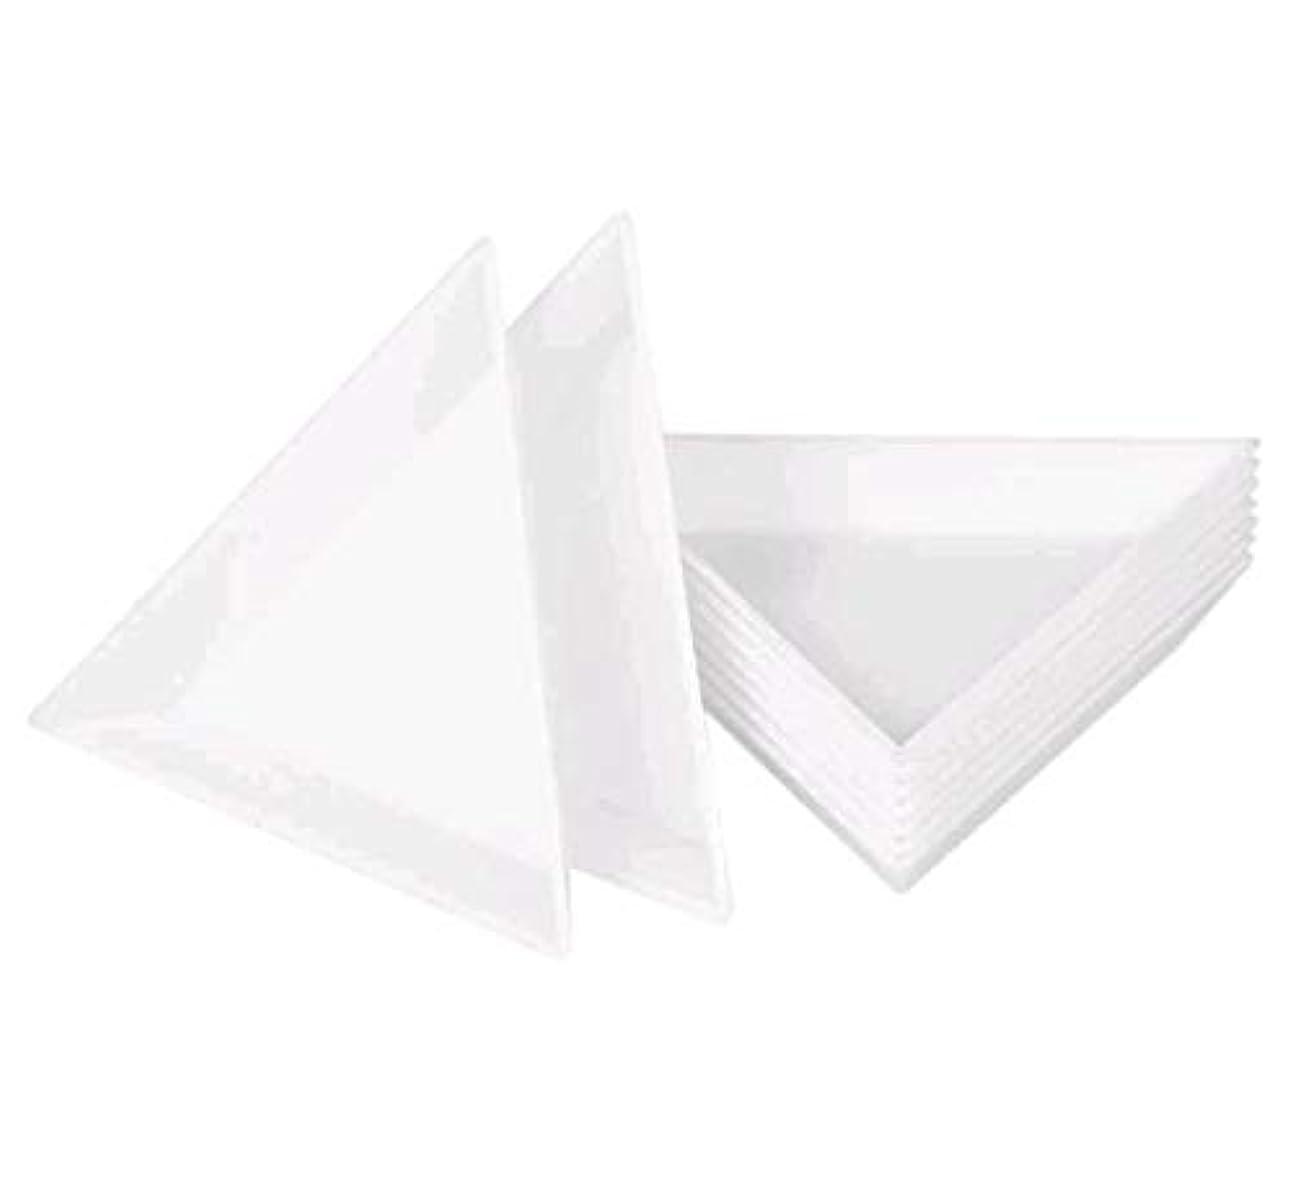 くさびステージ分析的10Pcsネイルプレートネイルアート収納プレートステッカードリル収納ボックスダイヤモンドラインストーンドリルボックスDIYネイルアートアクセサリー